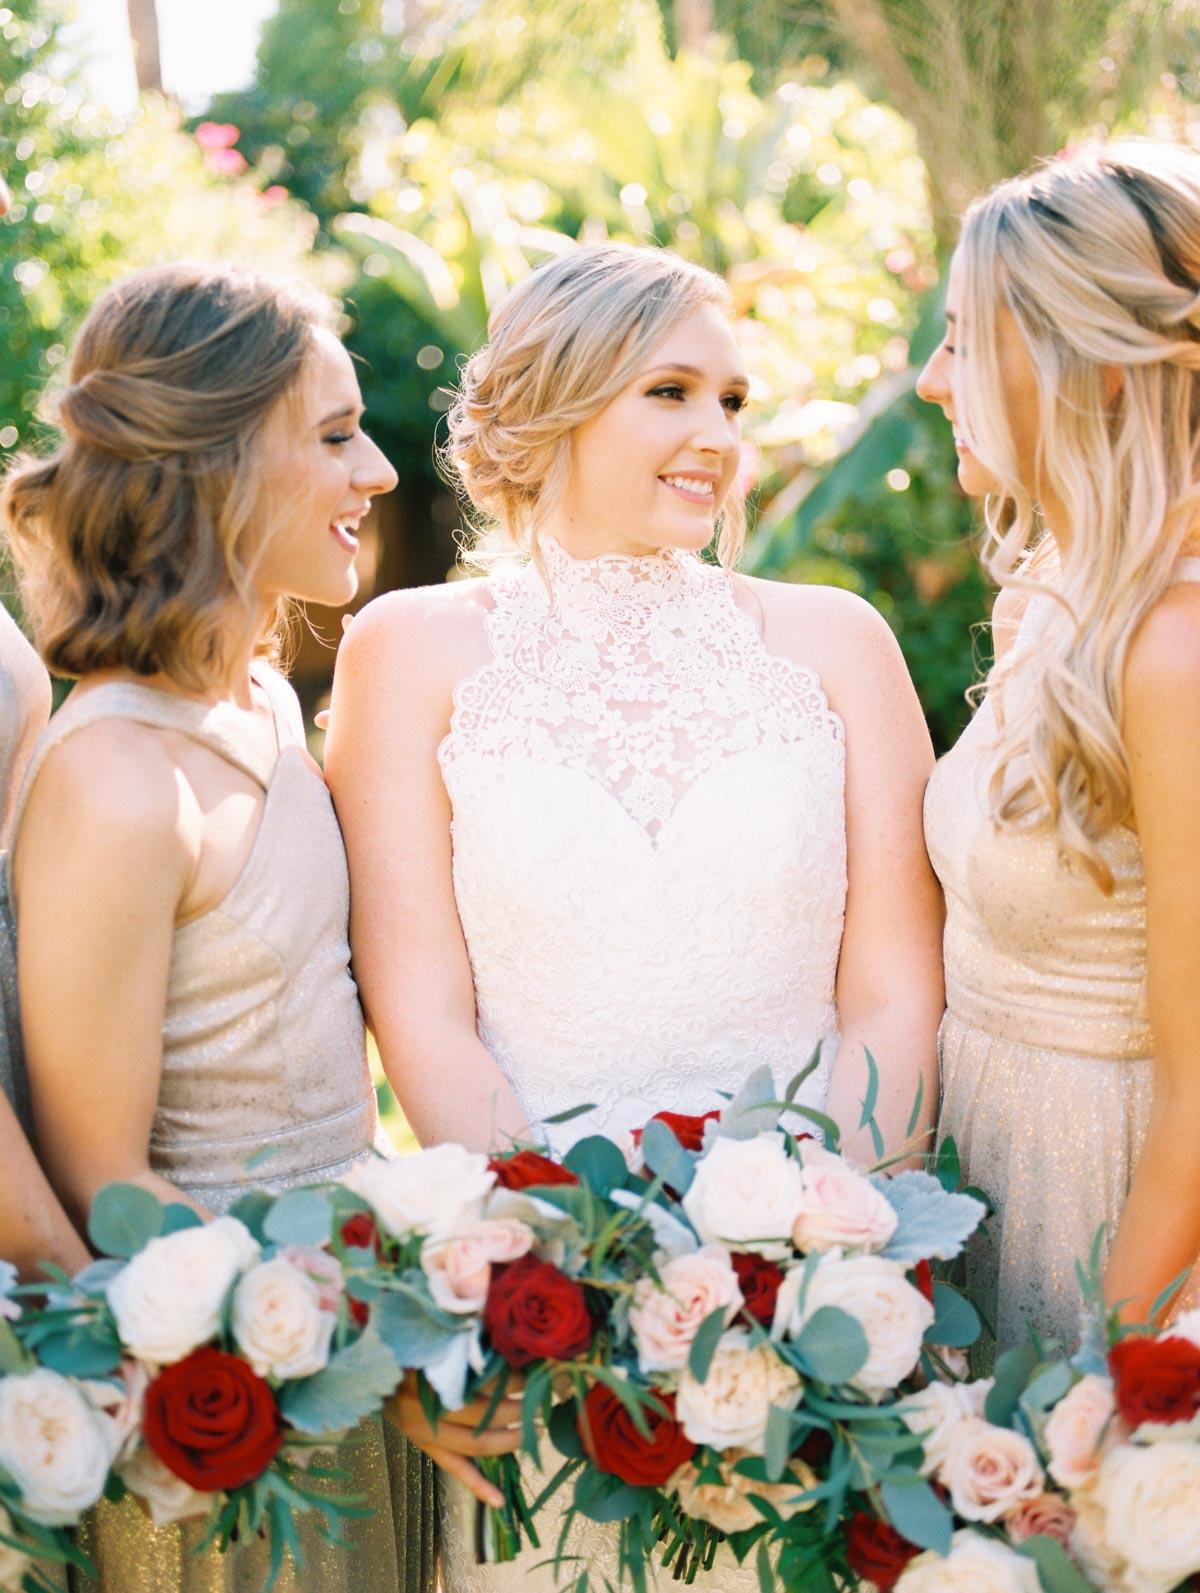 bride-with-bridesmaids-2.jpg